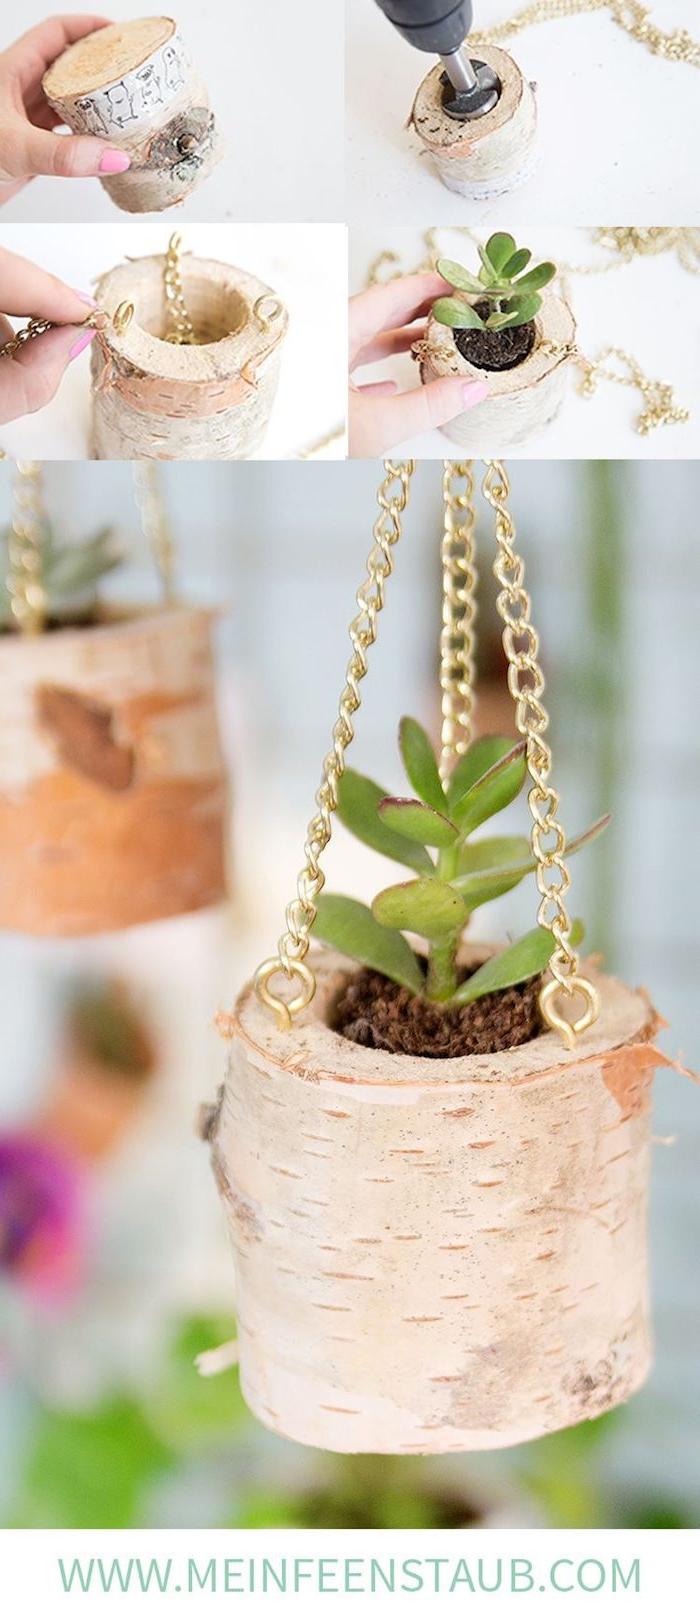 kreativer pflanzer aus birkenholz kleine grüne kaktee birkenholz deko diy anleitung schritt für schritt erklärung pflanzenhalter selber machen